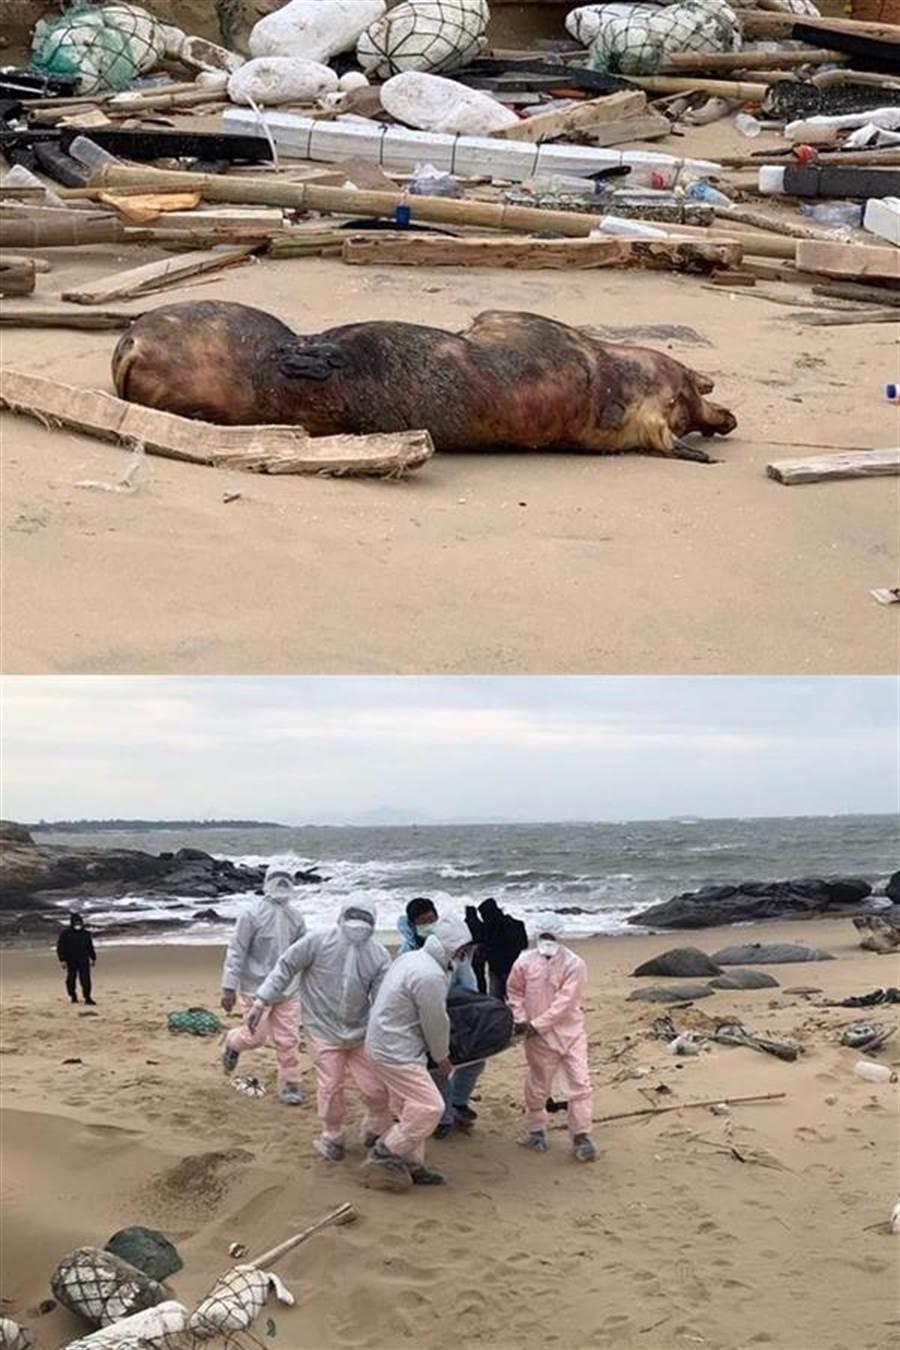 現場丈量死豬長約170公分、高60公分,重約70公斤,外觀部分發黑,死亡時間超過3天以上。(岸巡提供)